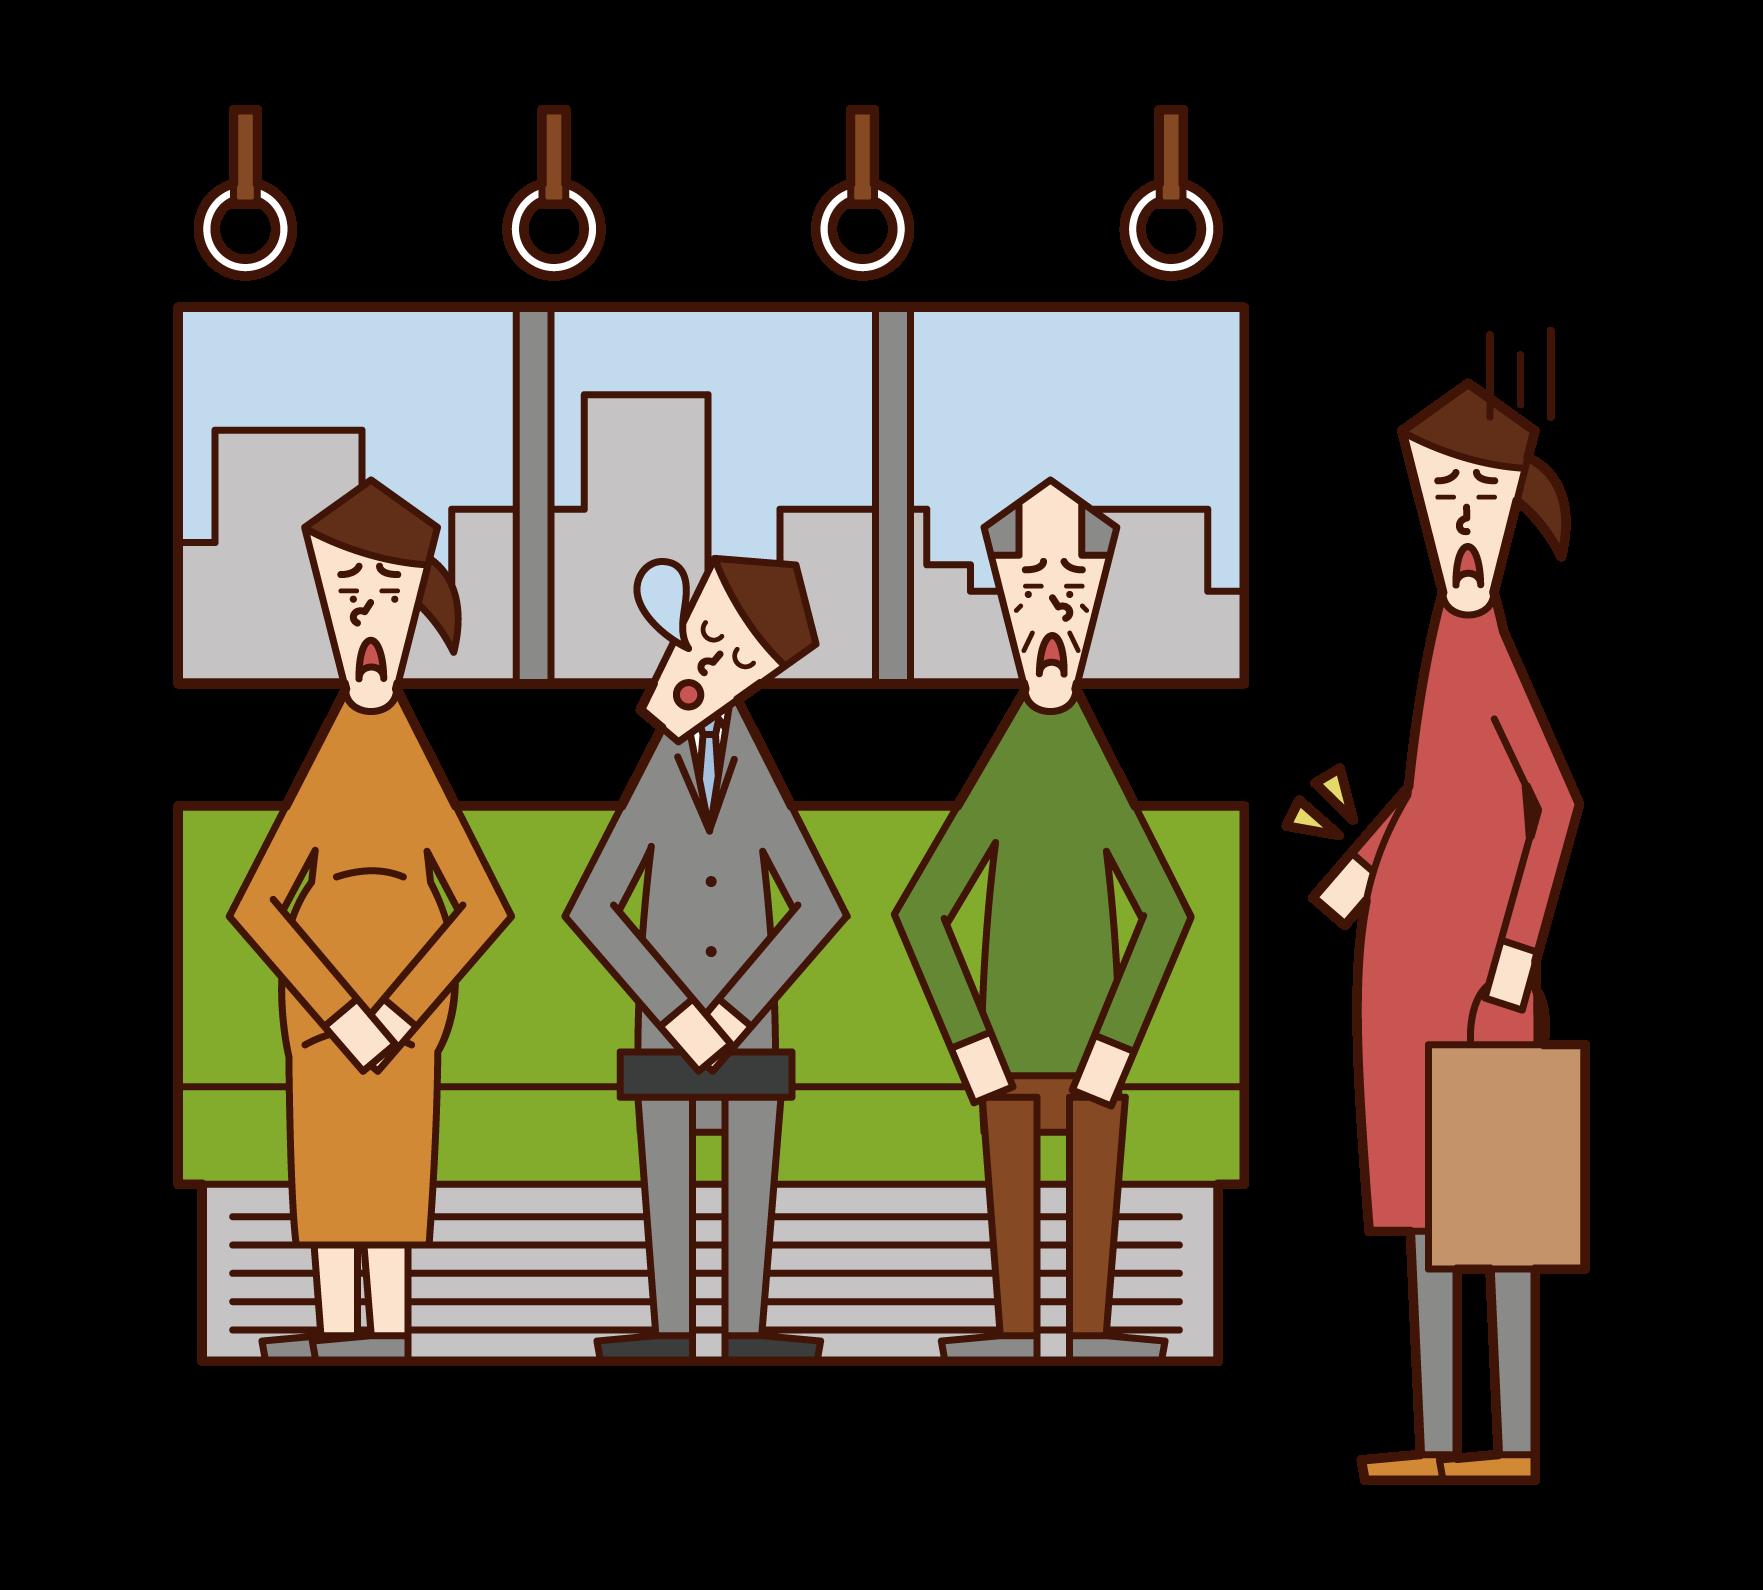 기차에서 우선 좌석을 포기하지 않는 사람 (남성)의 그림